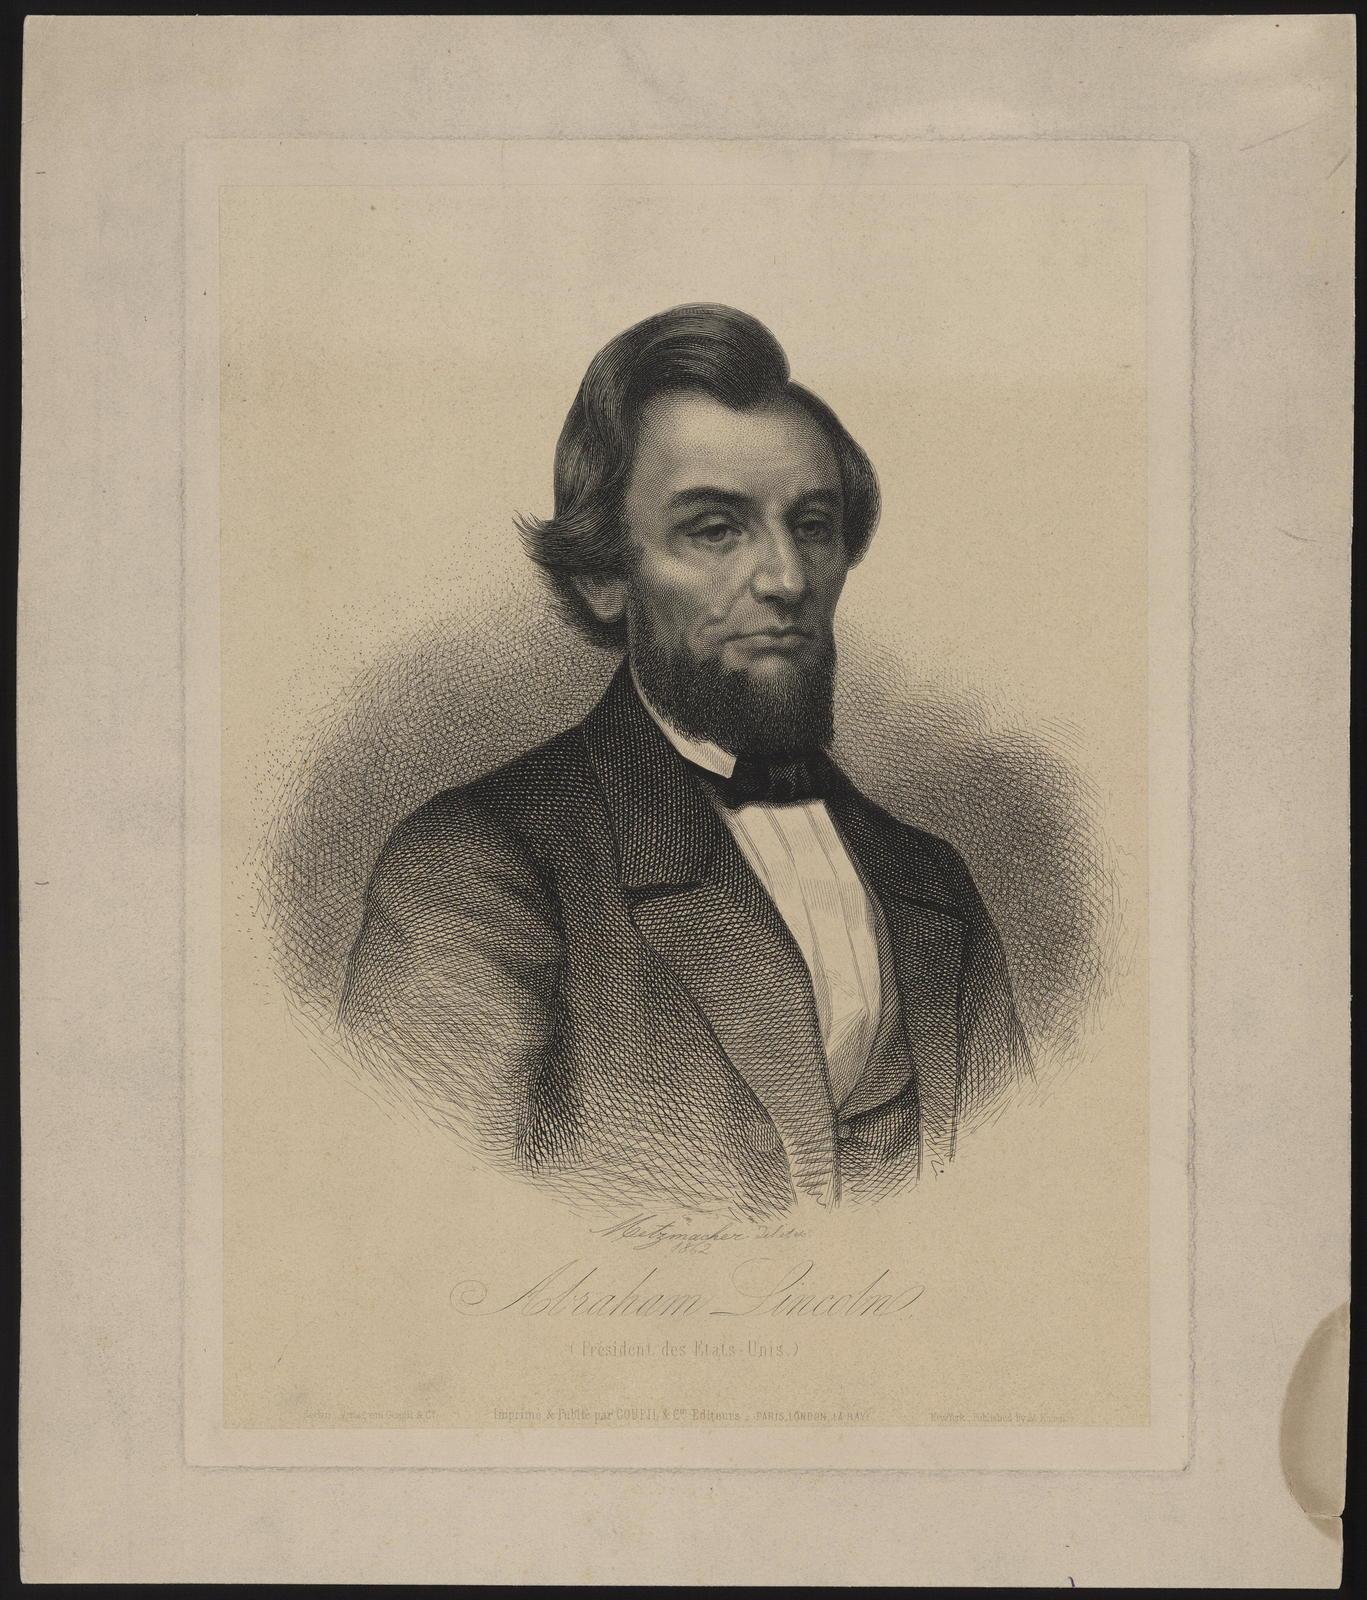 [Metzmacher portrait of Lincoln.] President des Estats-Unis.